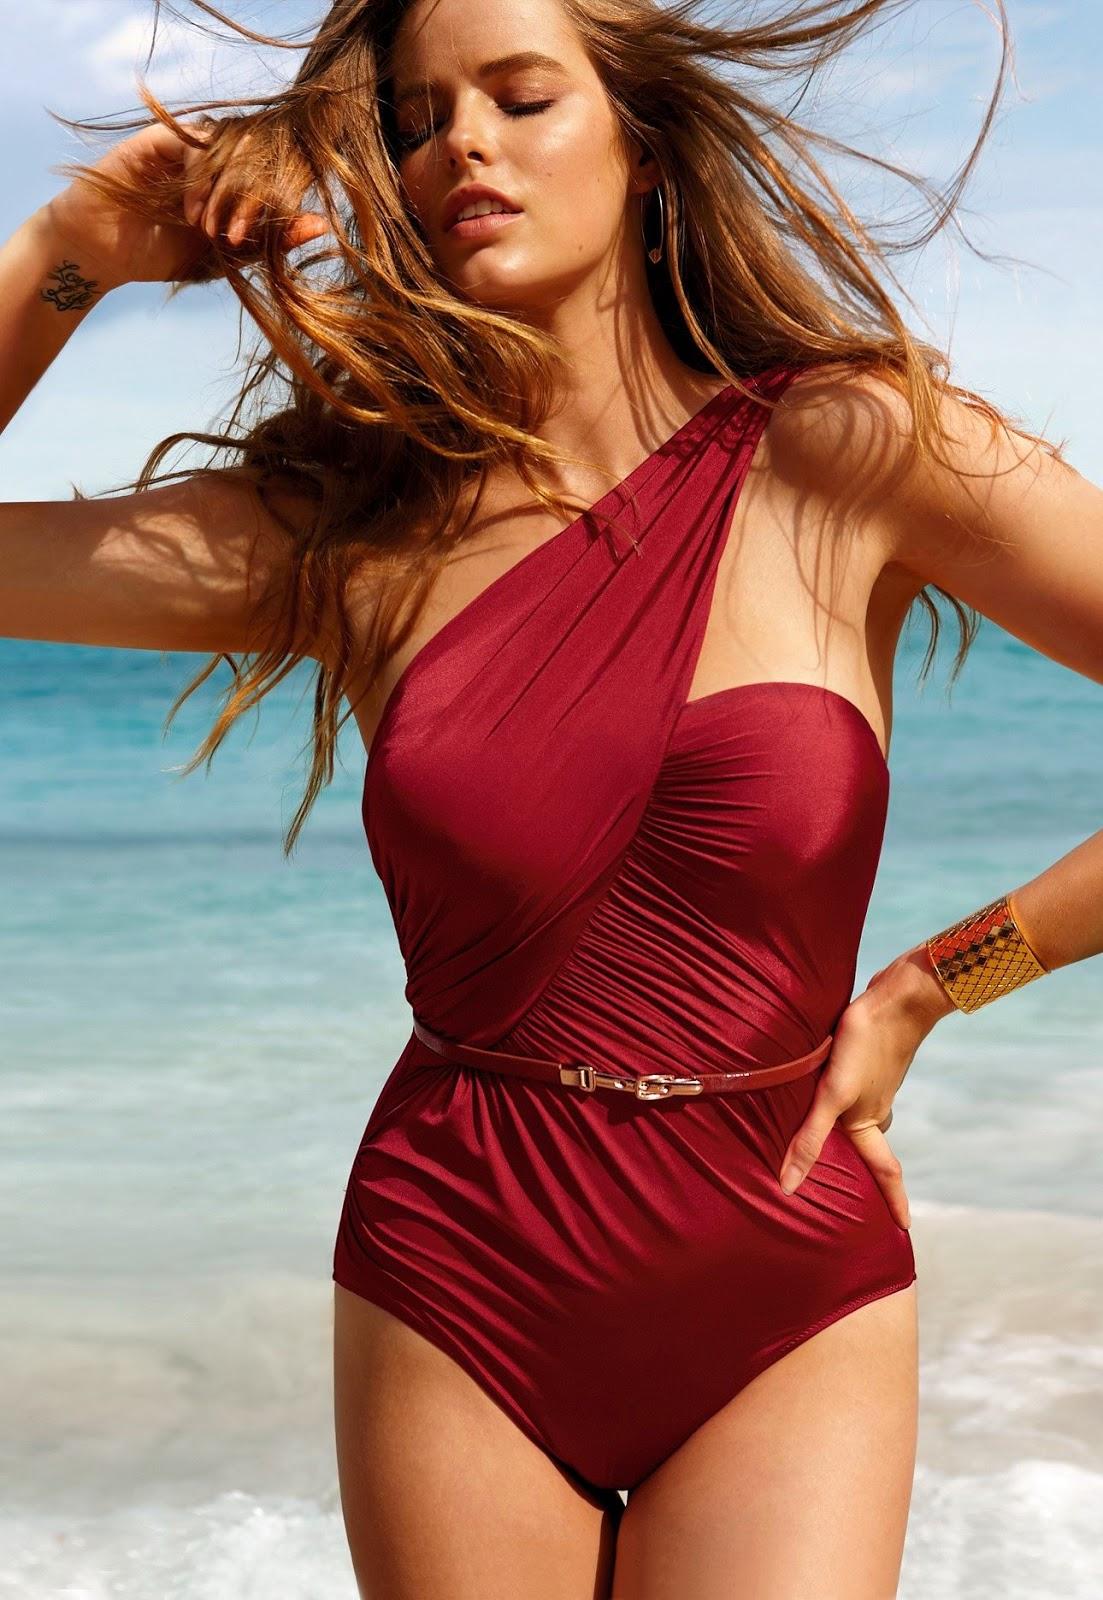 Robyn lawley in bikini at beach - Ragazze nude in bagno ...